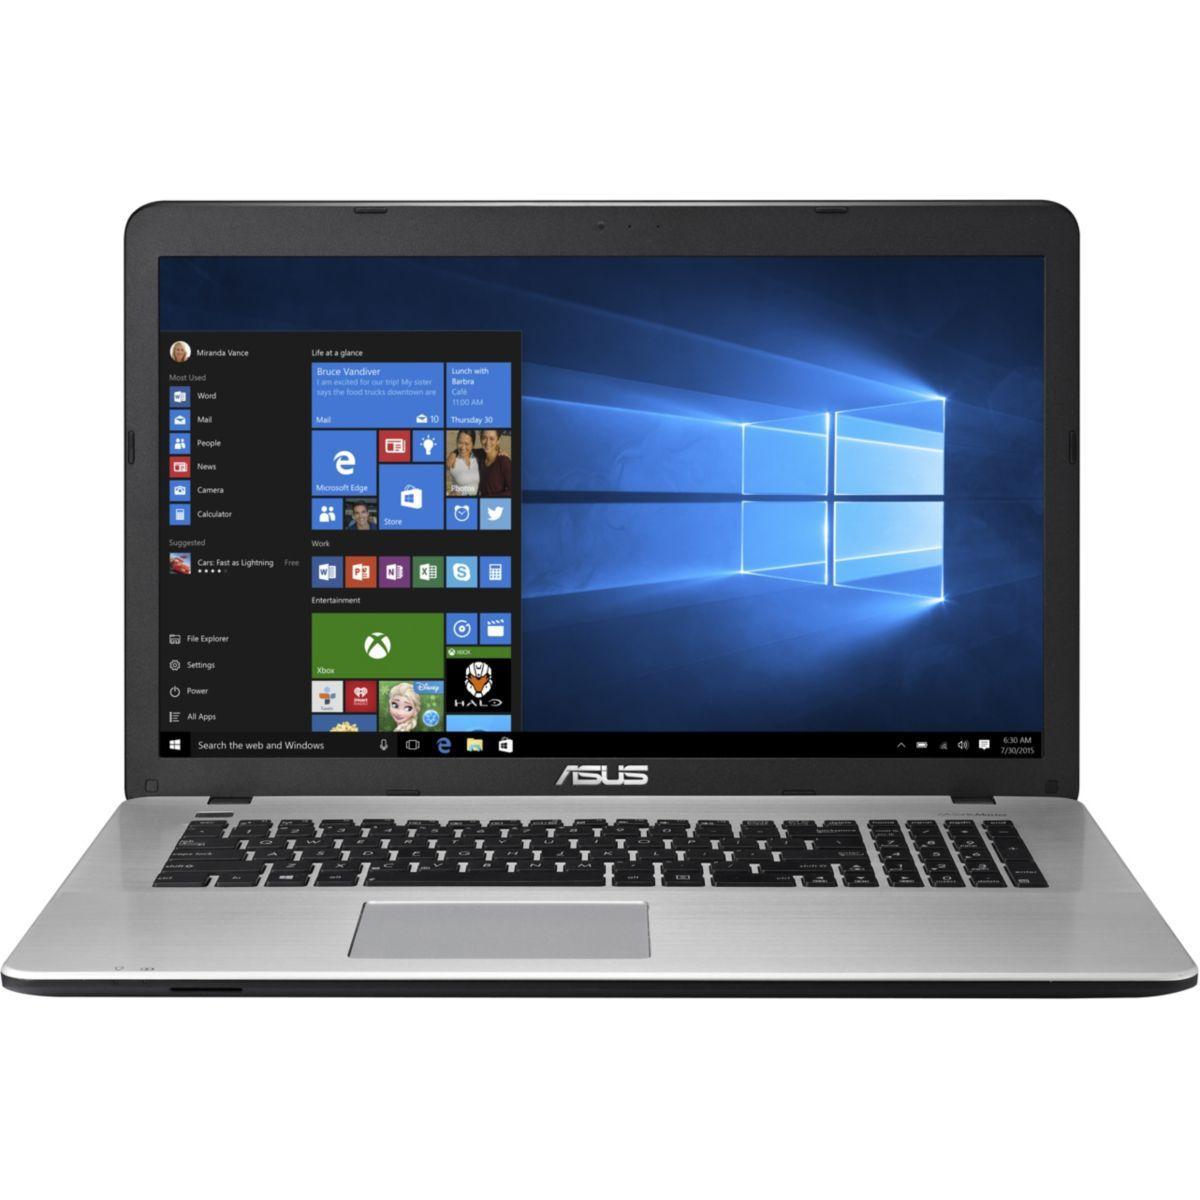 PC portable 17,3'' full HD Asus R753UX-T4042T (i7-6500U, GTX950M, 8 Go de RAM, 1 To + 128 Go en SSD)